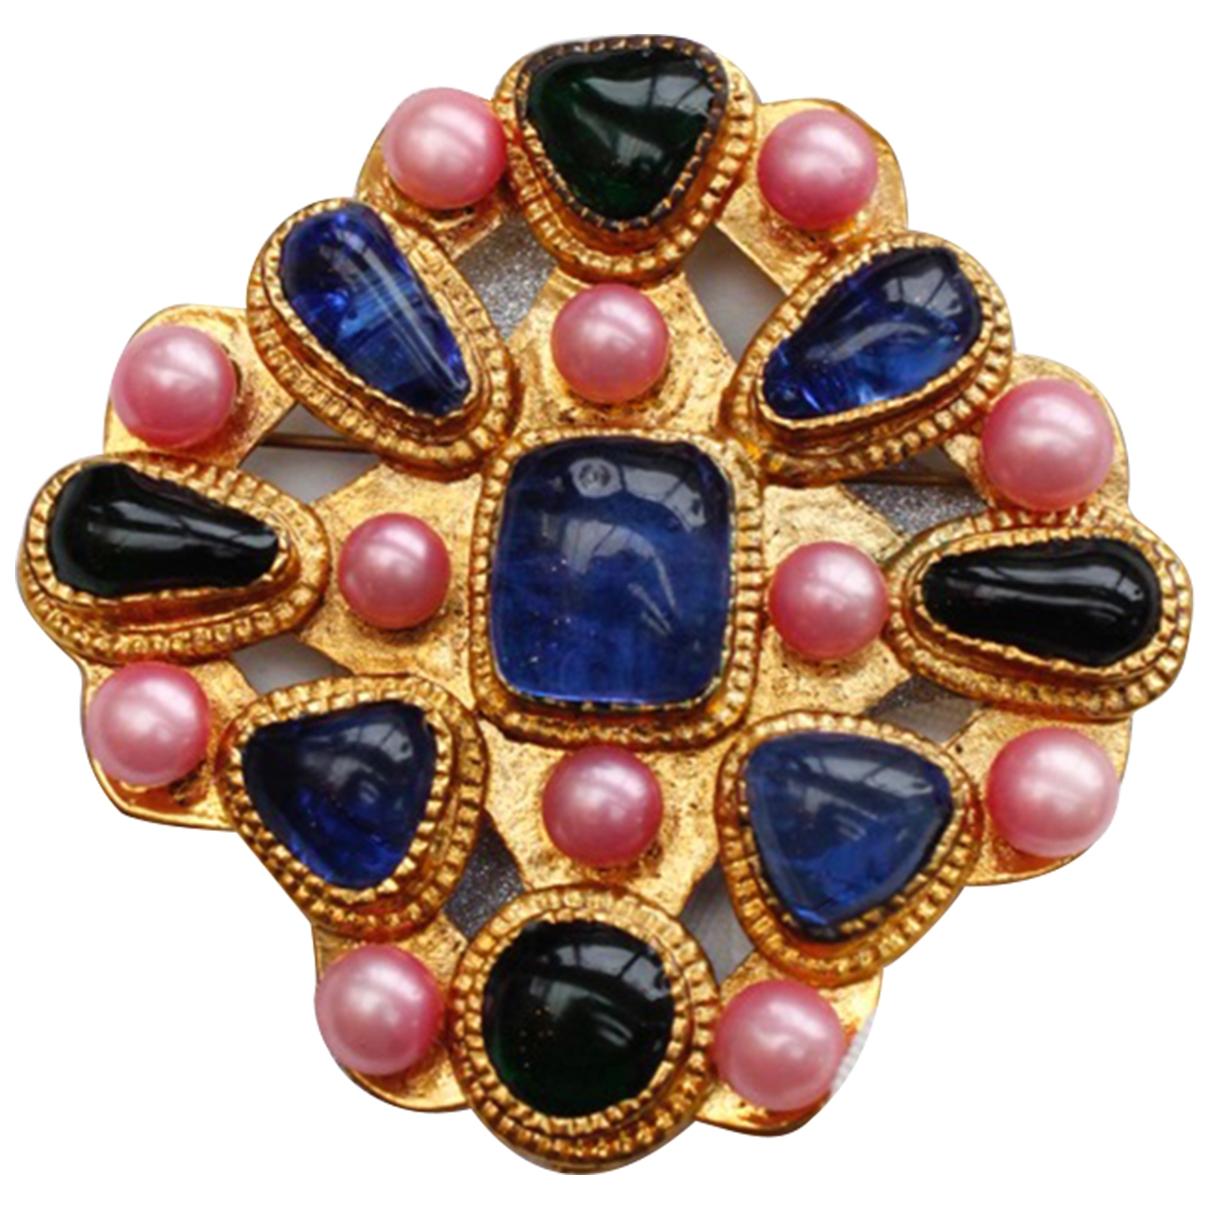 Broche Baroque en Metal Multicolor Chanel